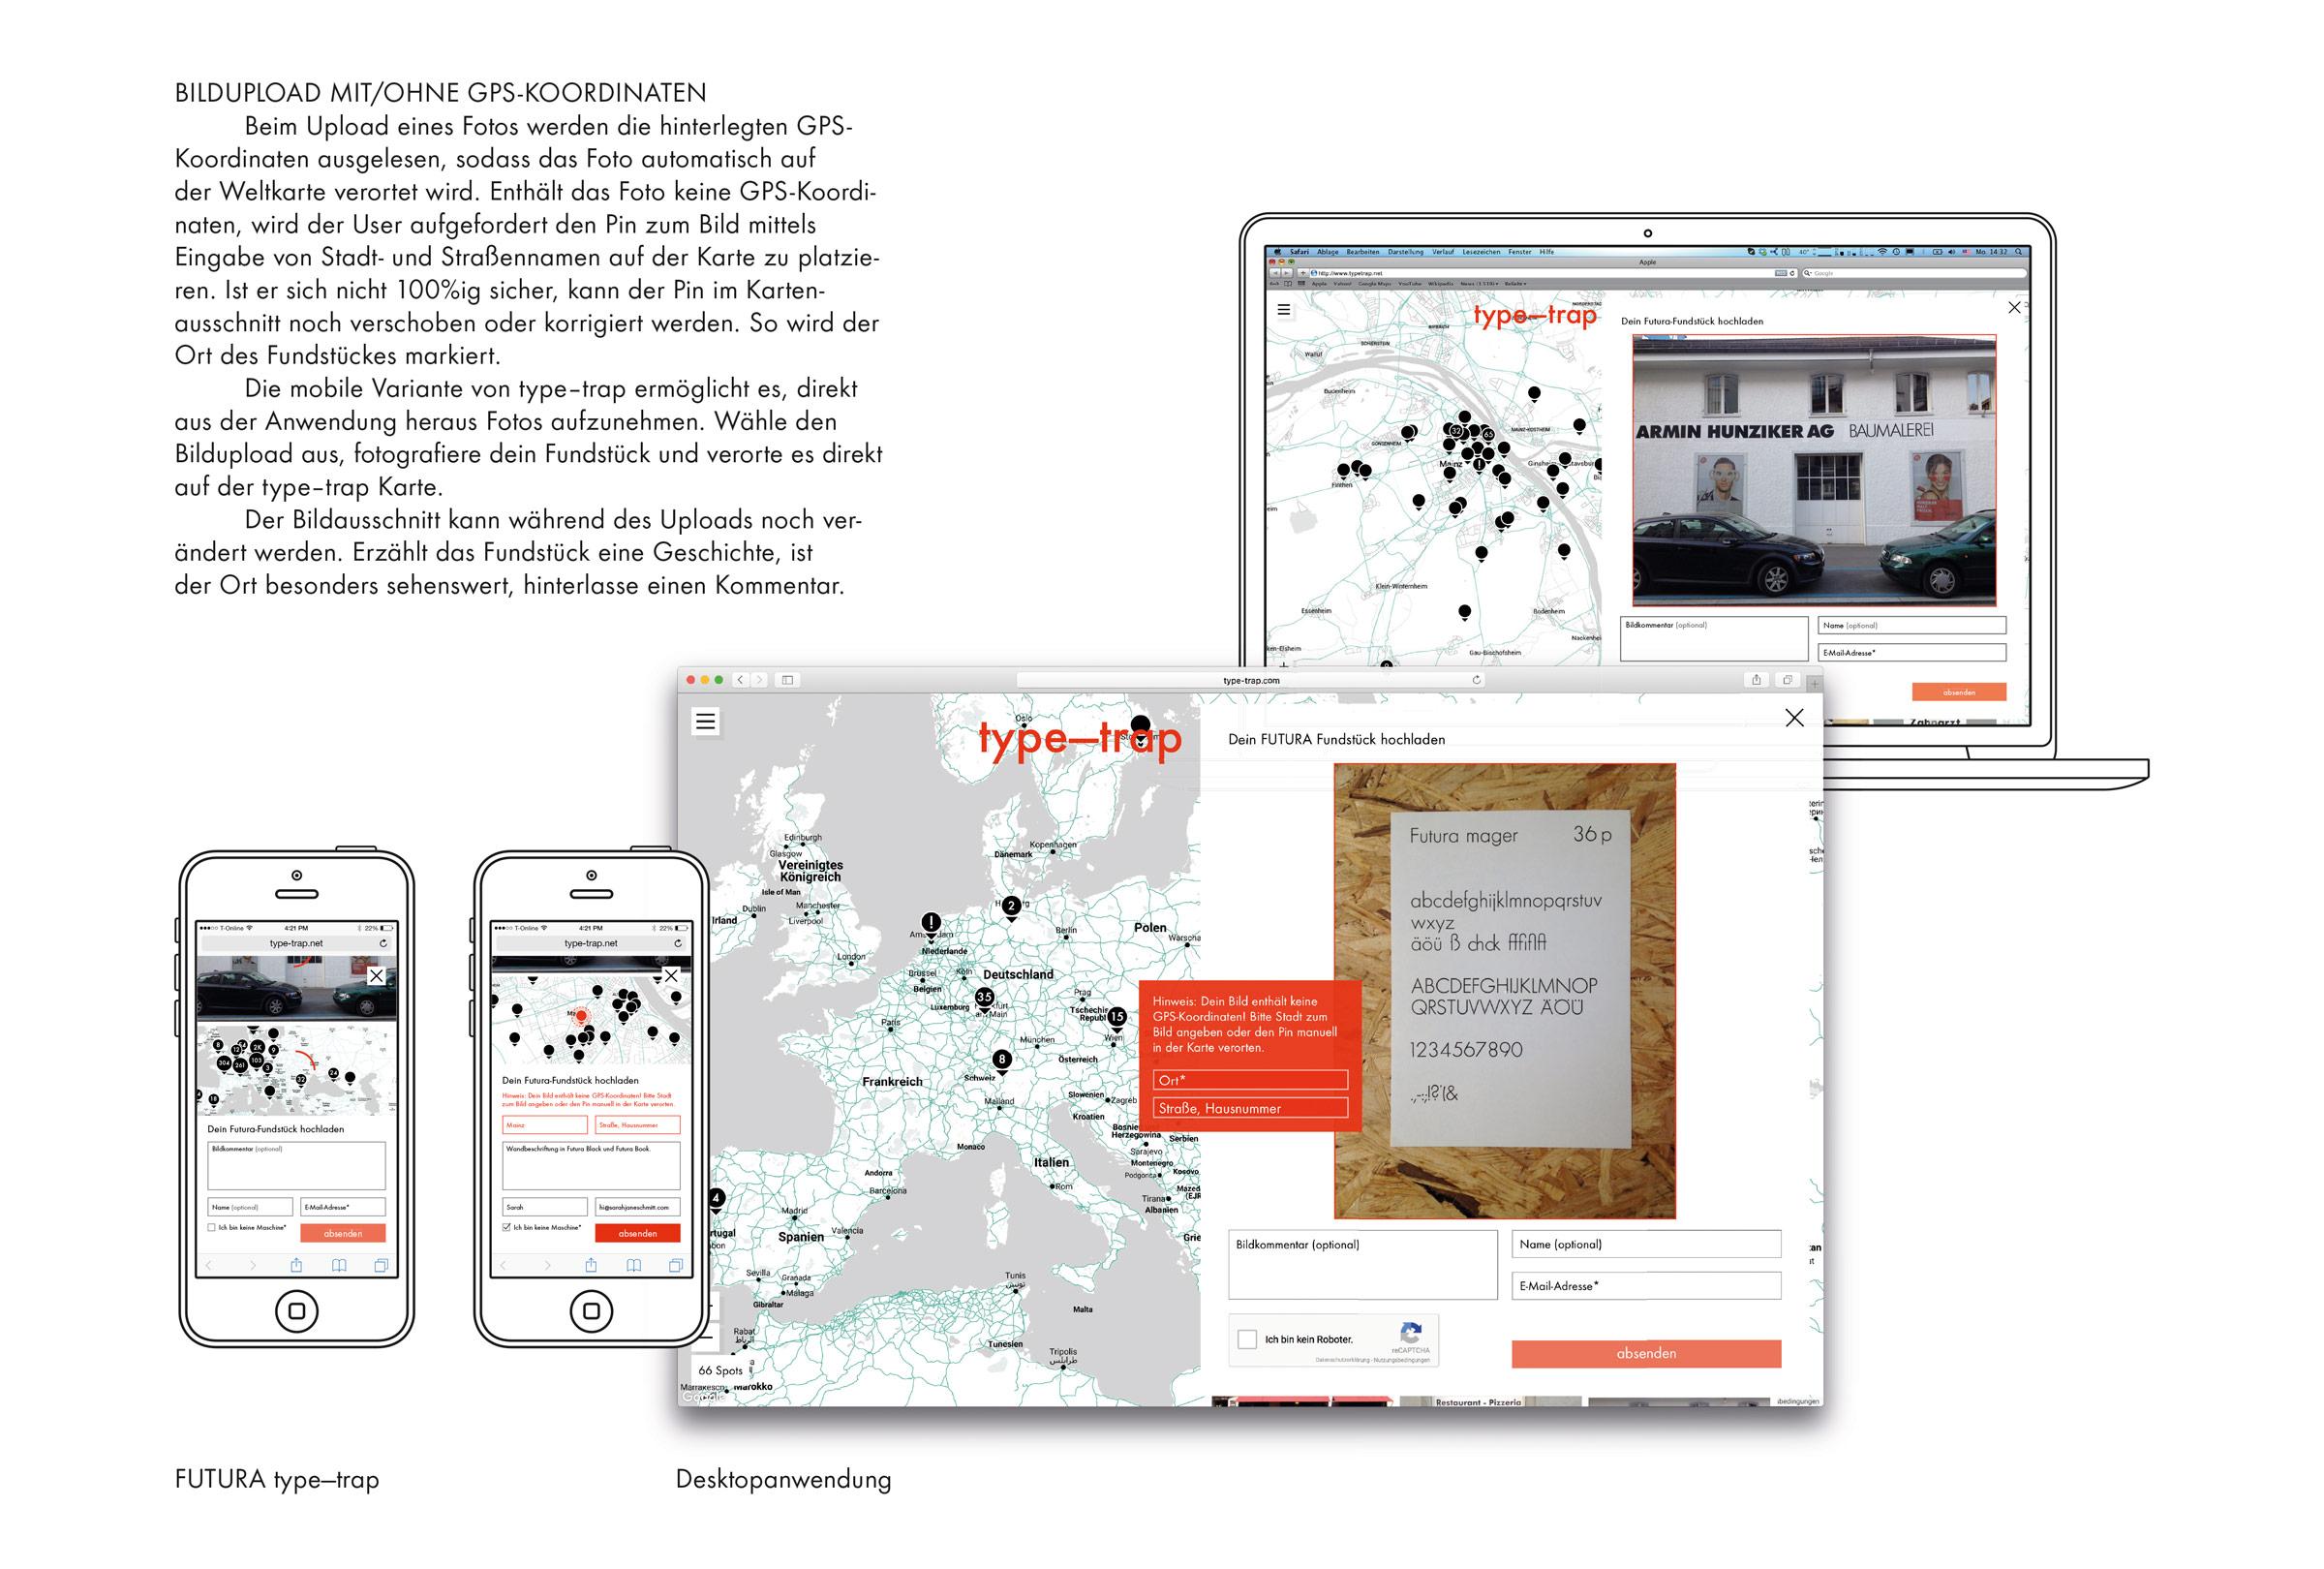 FUTURA type-trap – Bildupload mit und ohne GPS-Koordinaten © Christian Weber – Büro für Gestaltung und Kommunikation